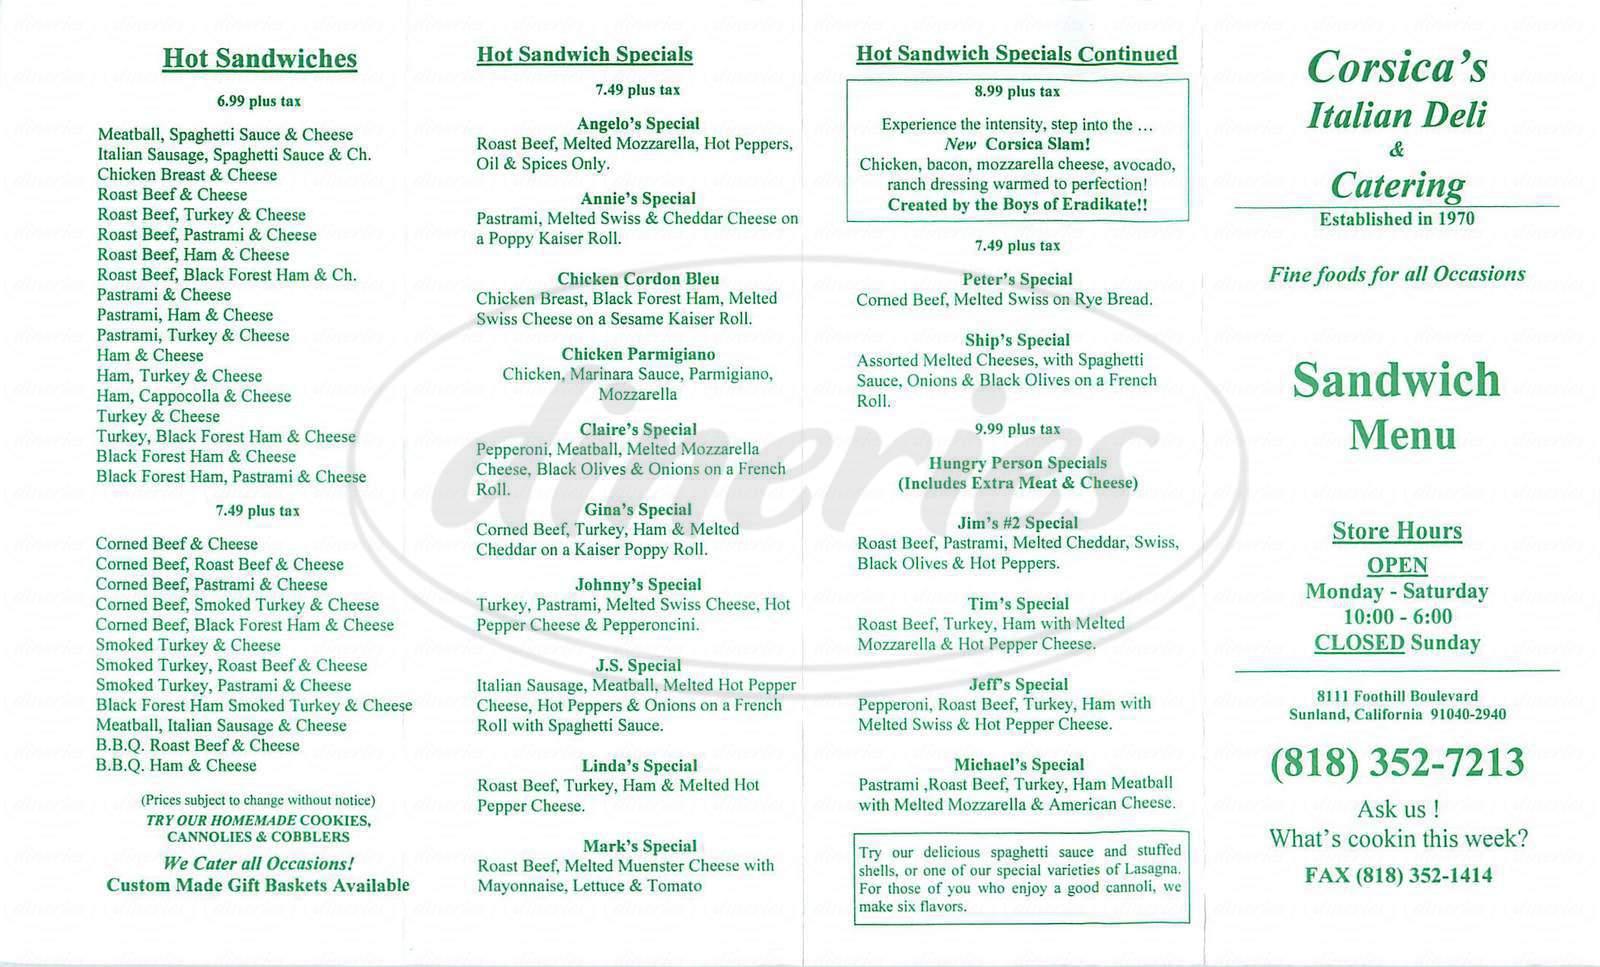 menu for Corsica's Italian Deli